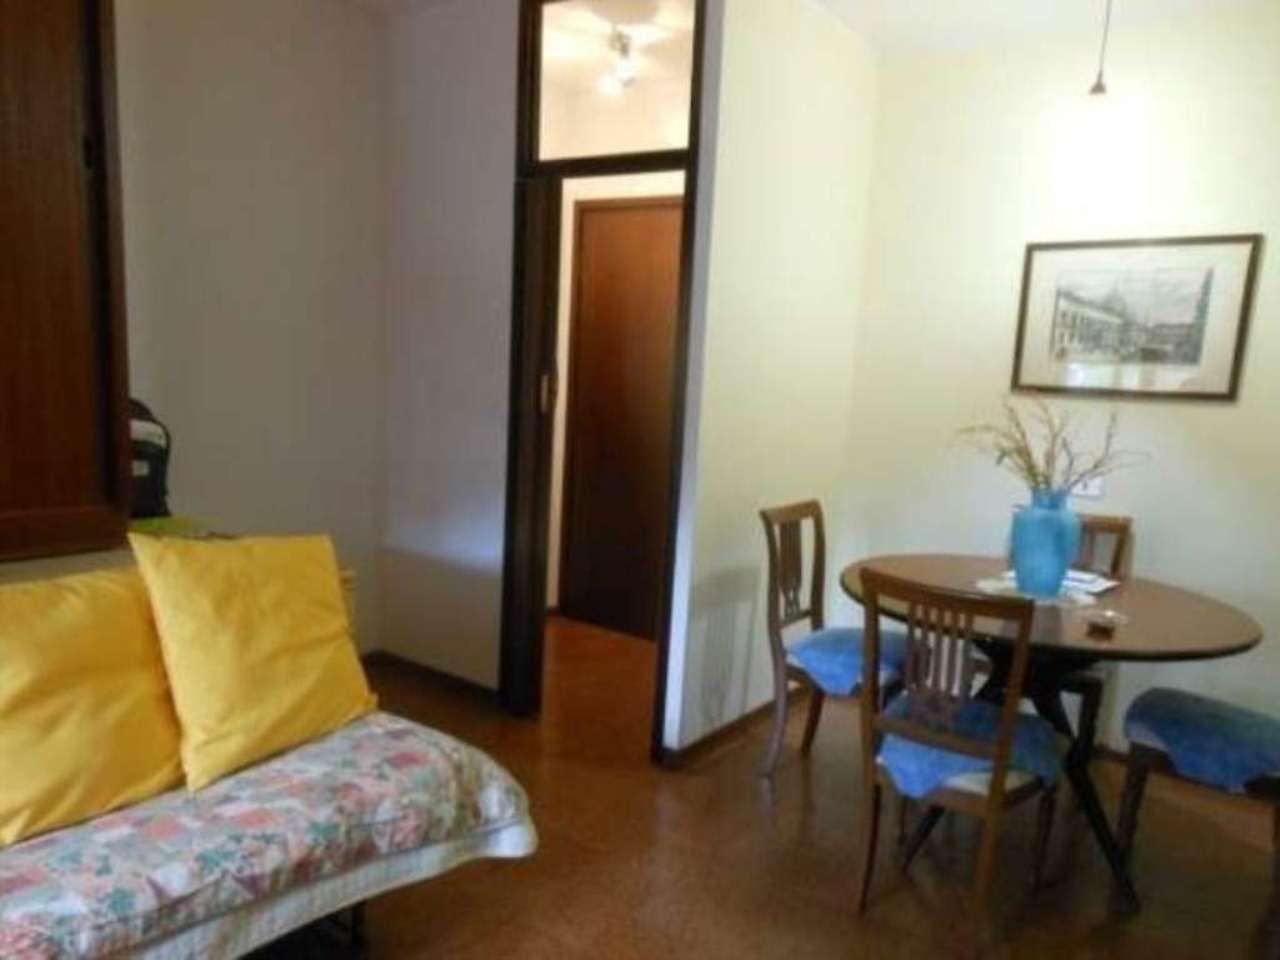 Appartamento in vendita a Luino, 1 locali, prezzo € 59.000 | CambioCasa.it